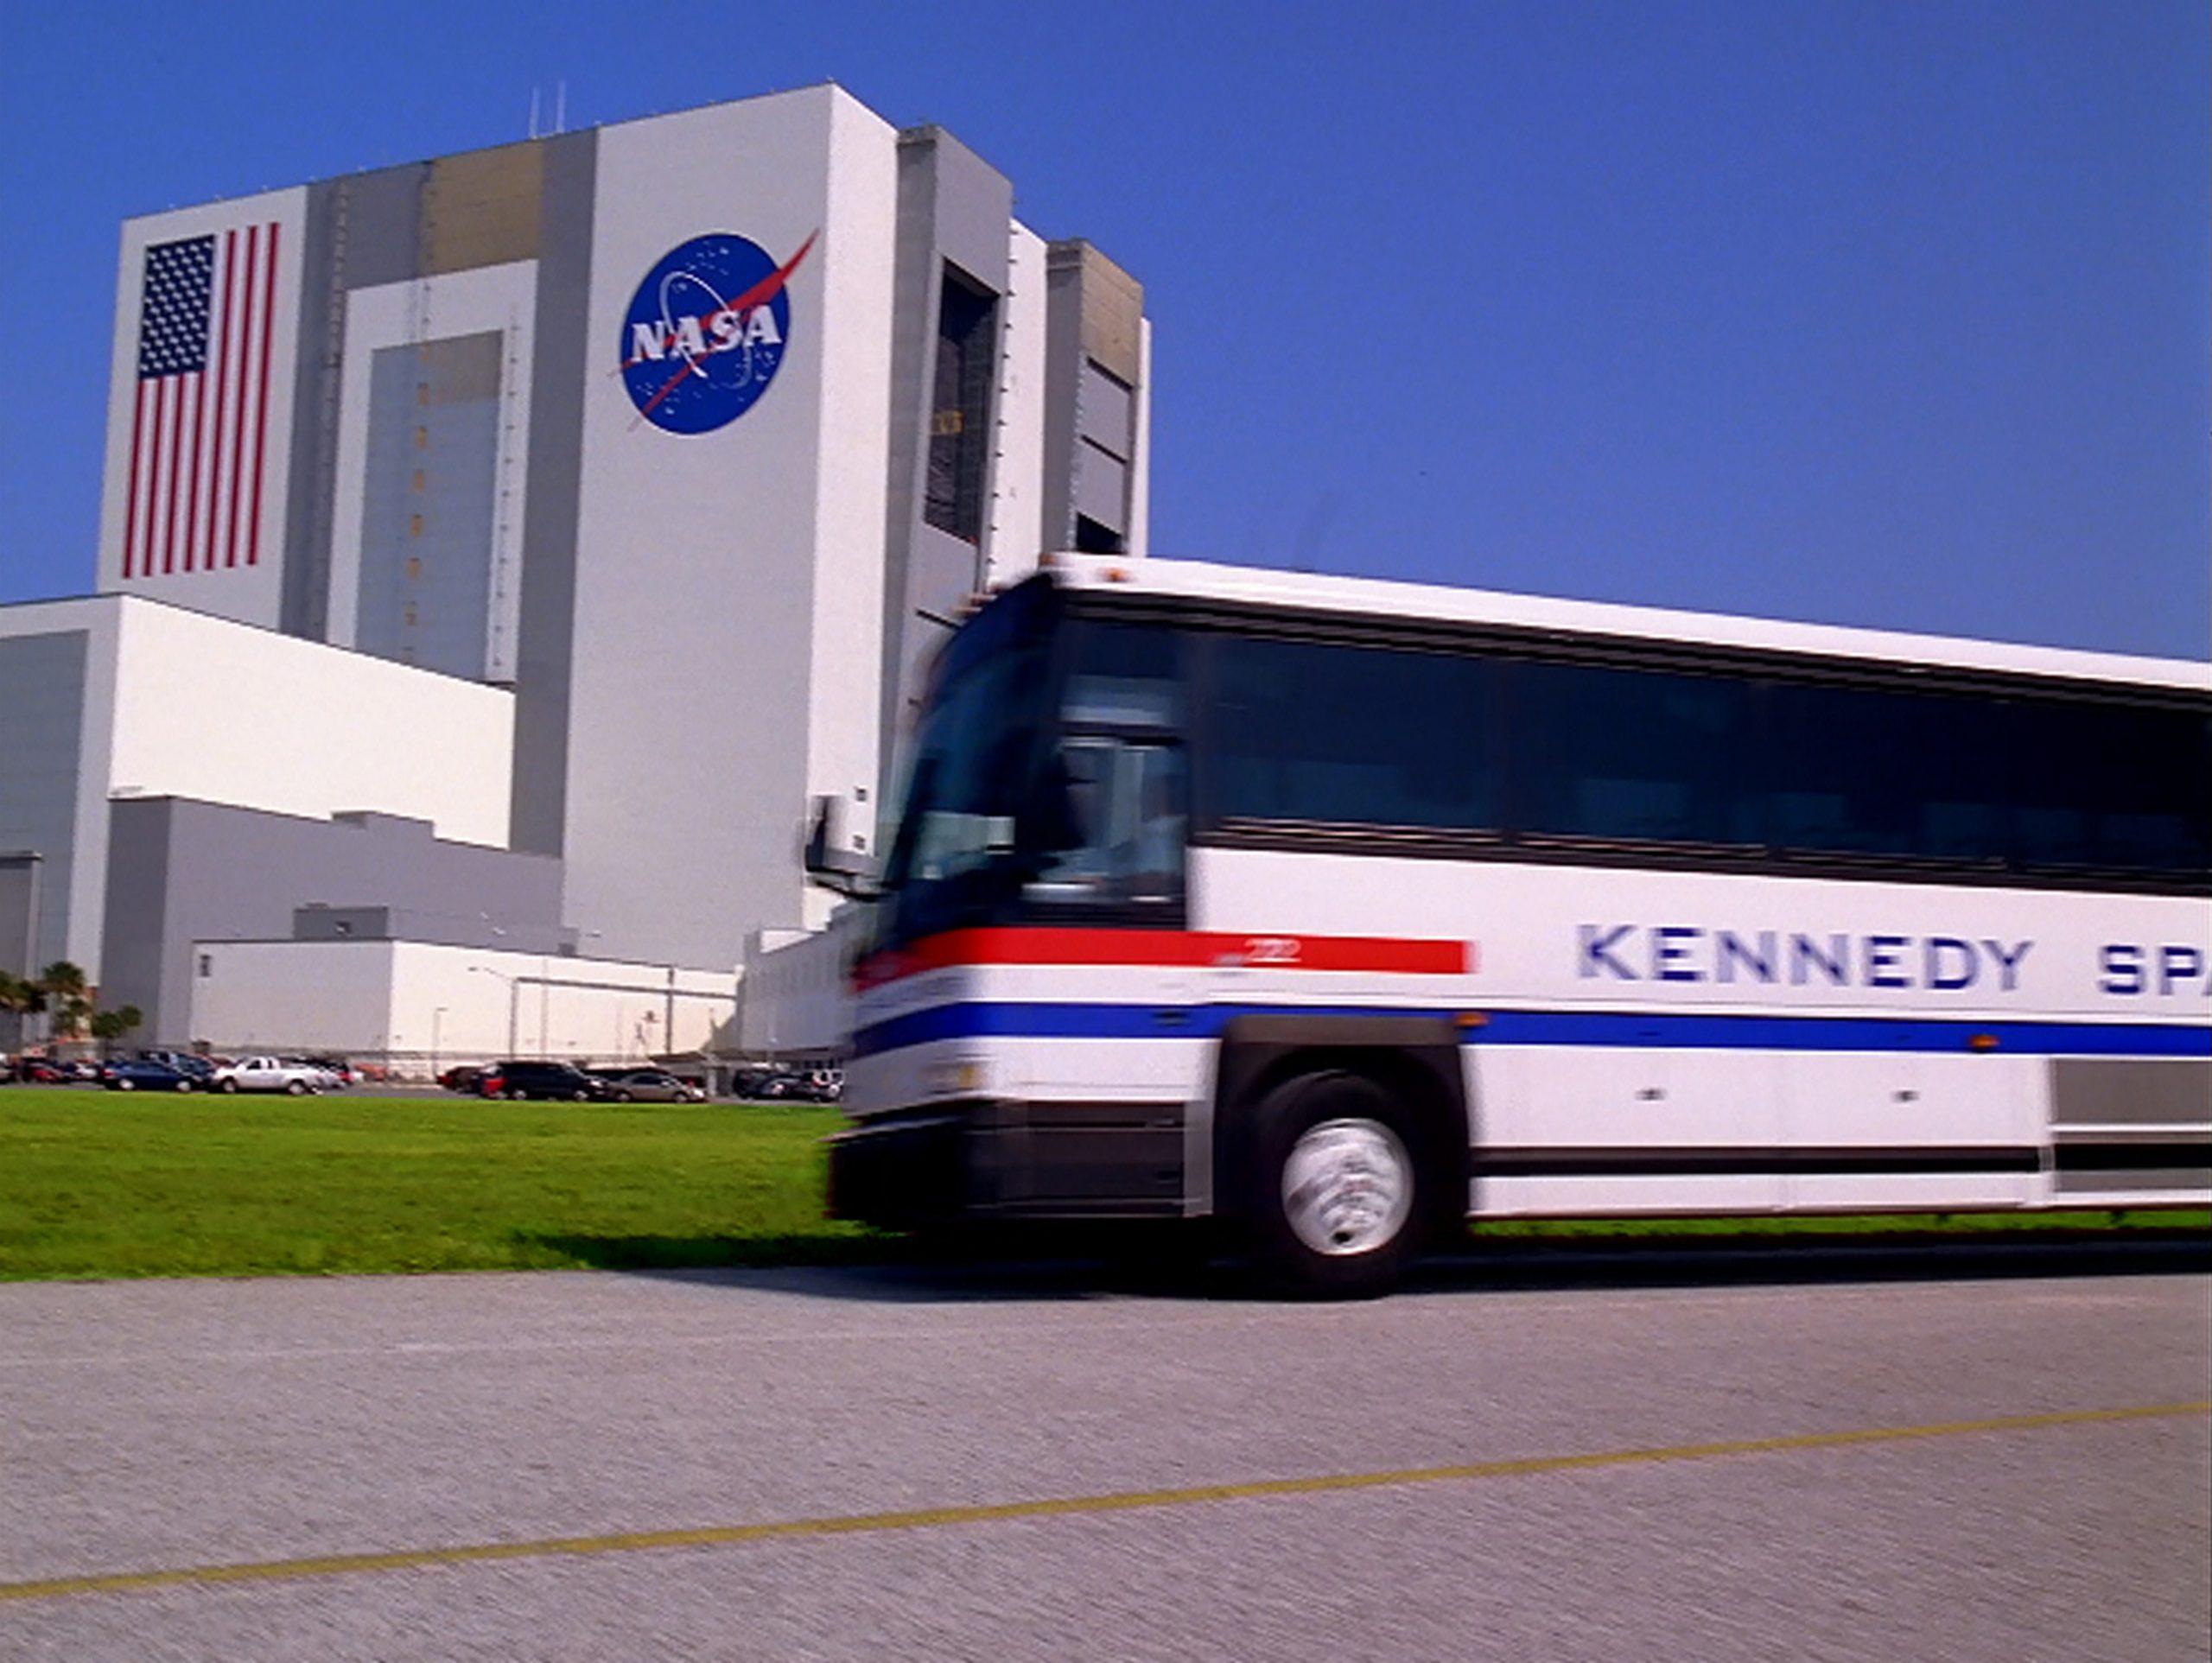 Nuevo tour en autobús en el Kennedy Space Center Visitor Complex.